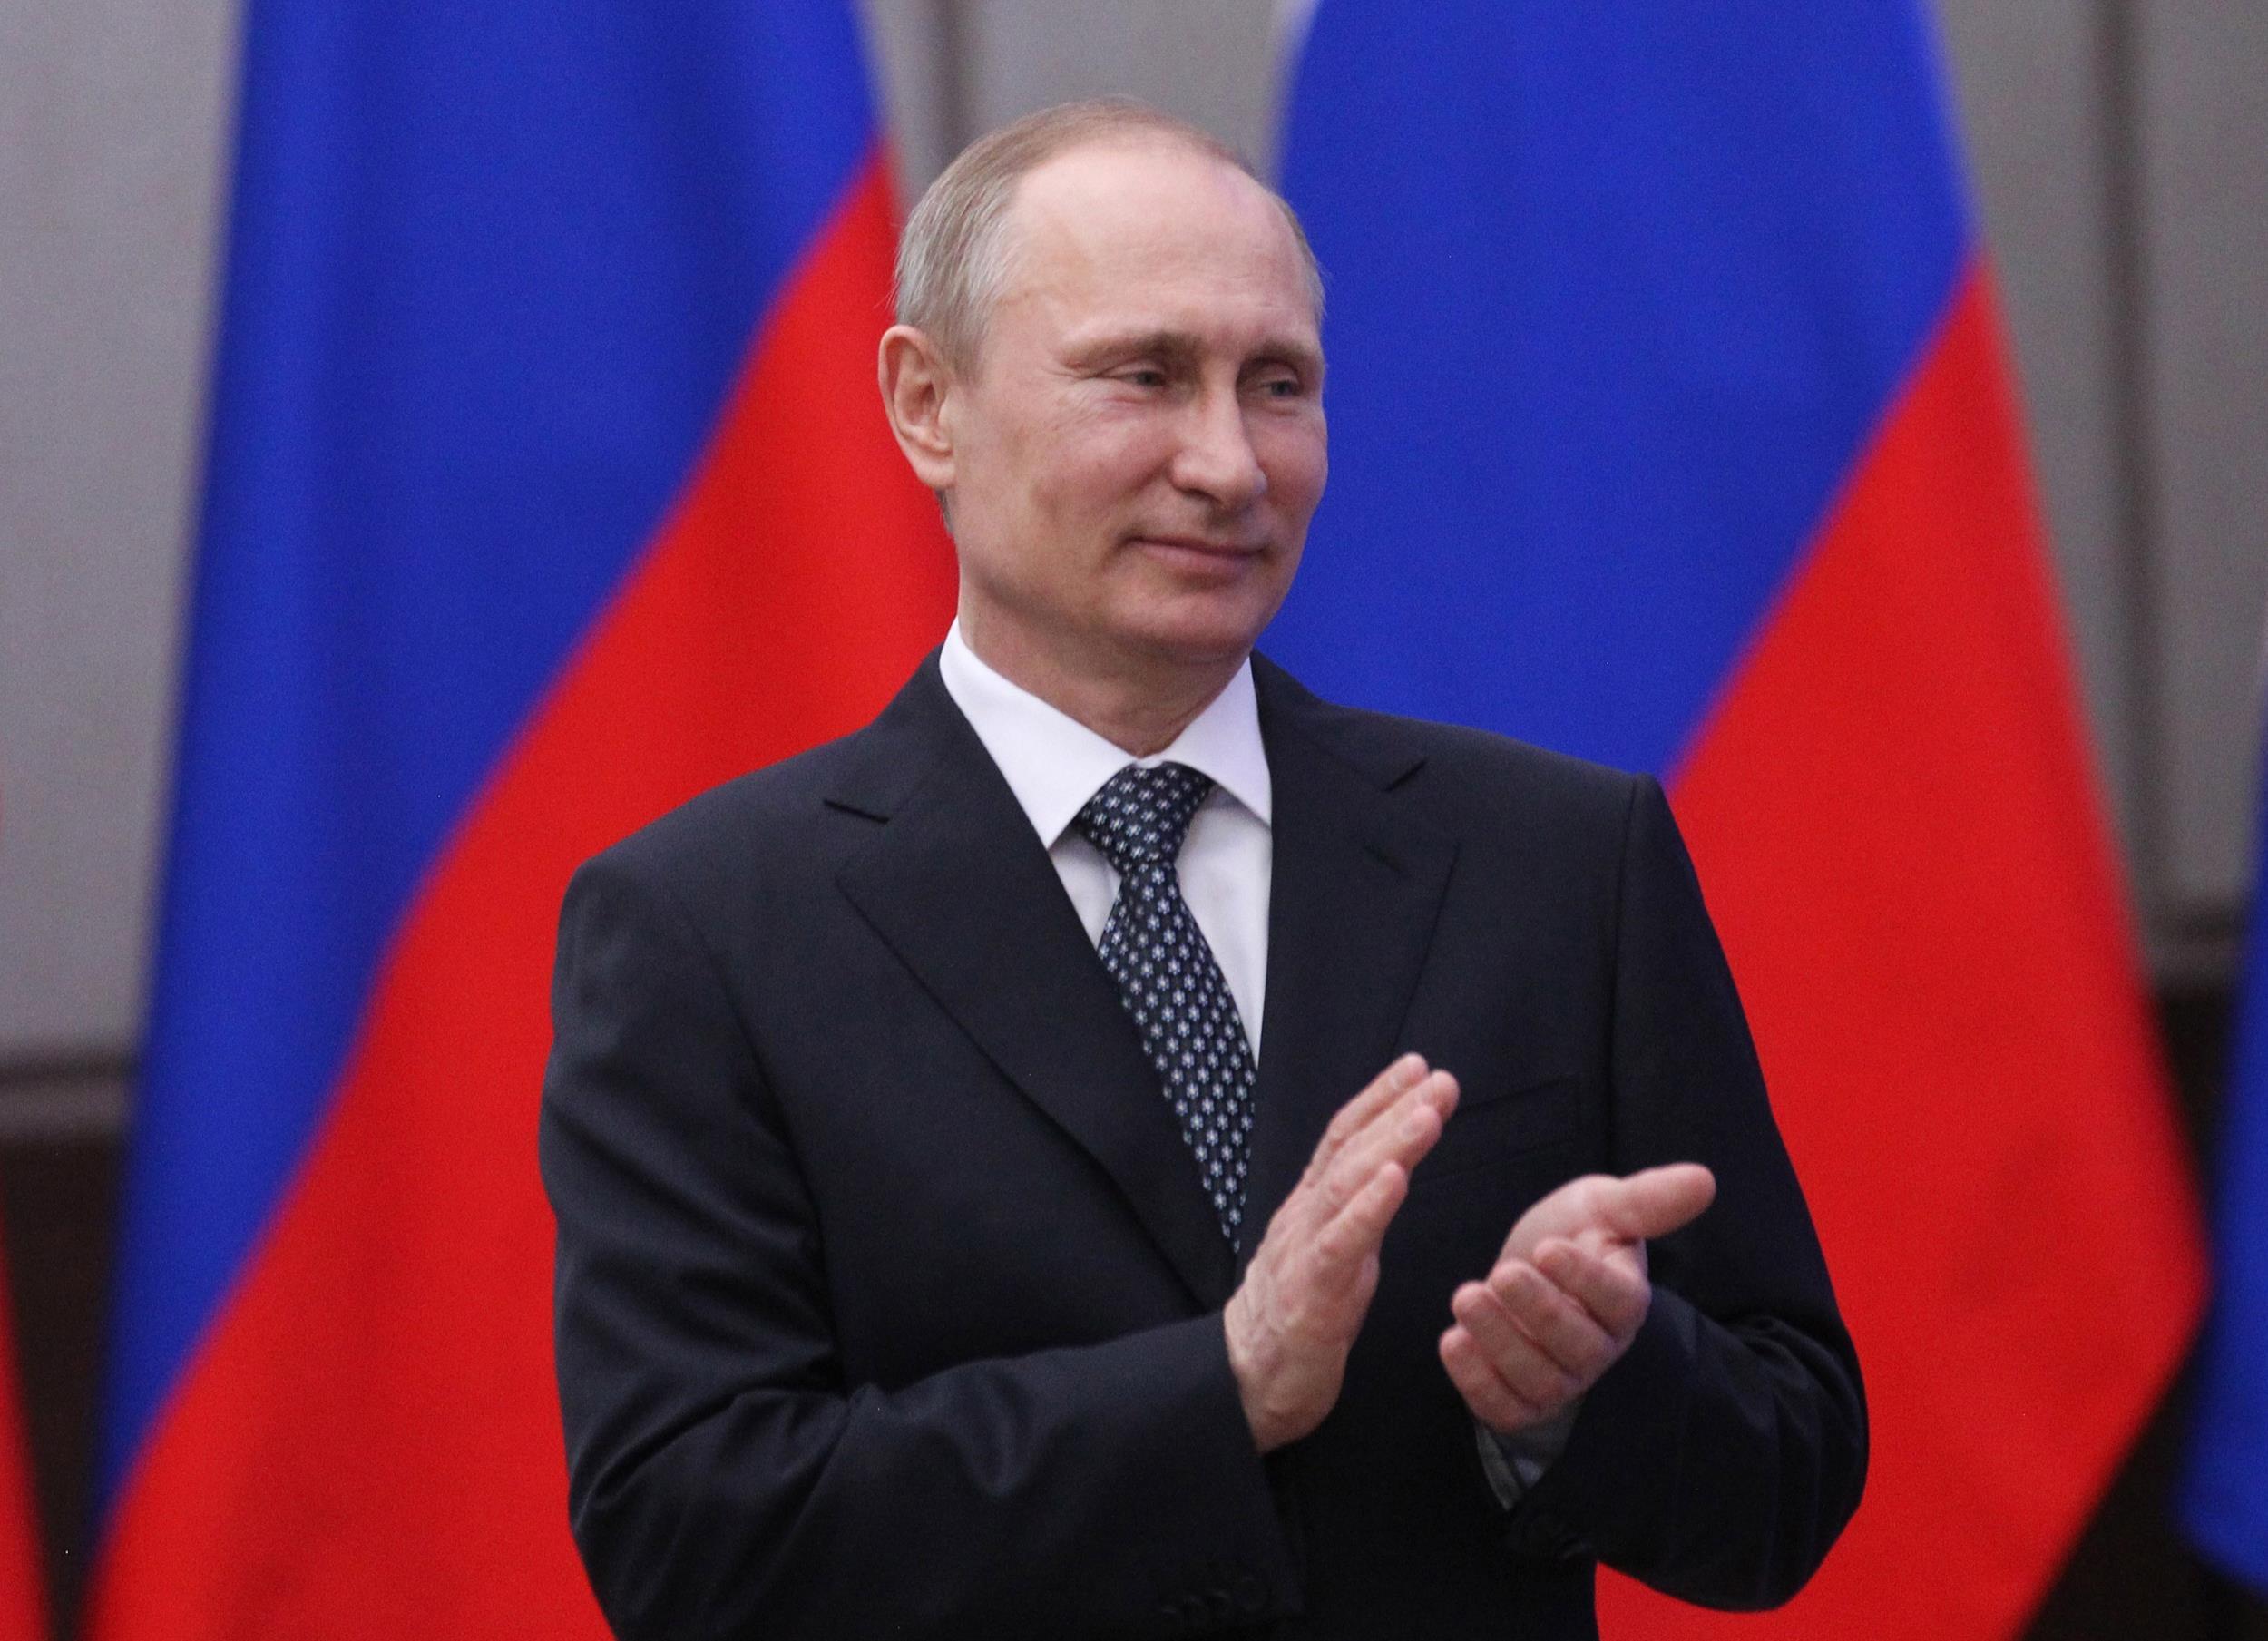 Nga đang trở thành 'ngôi sao mới' của chính trị thế giới 1